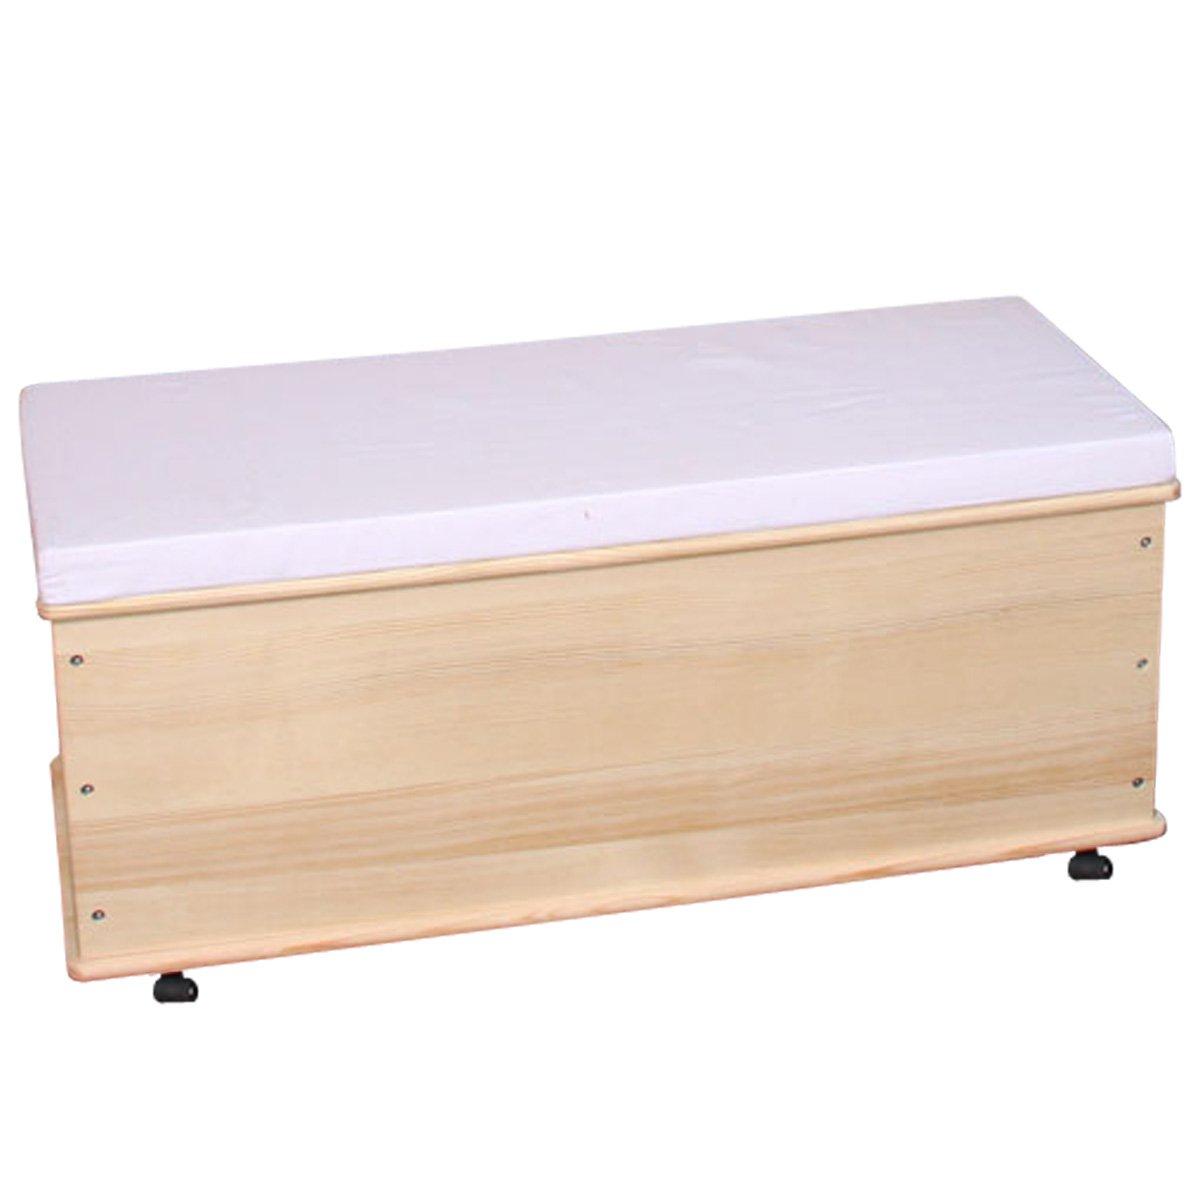 Ba l para almacenaje en madera natural 91 cm cesta o - Cestos de madera ...